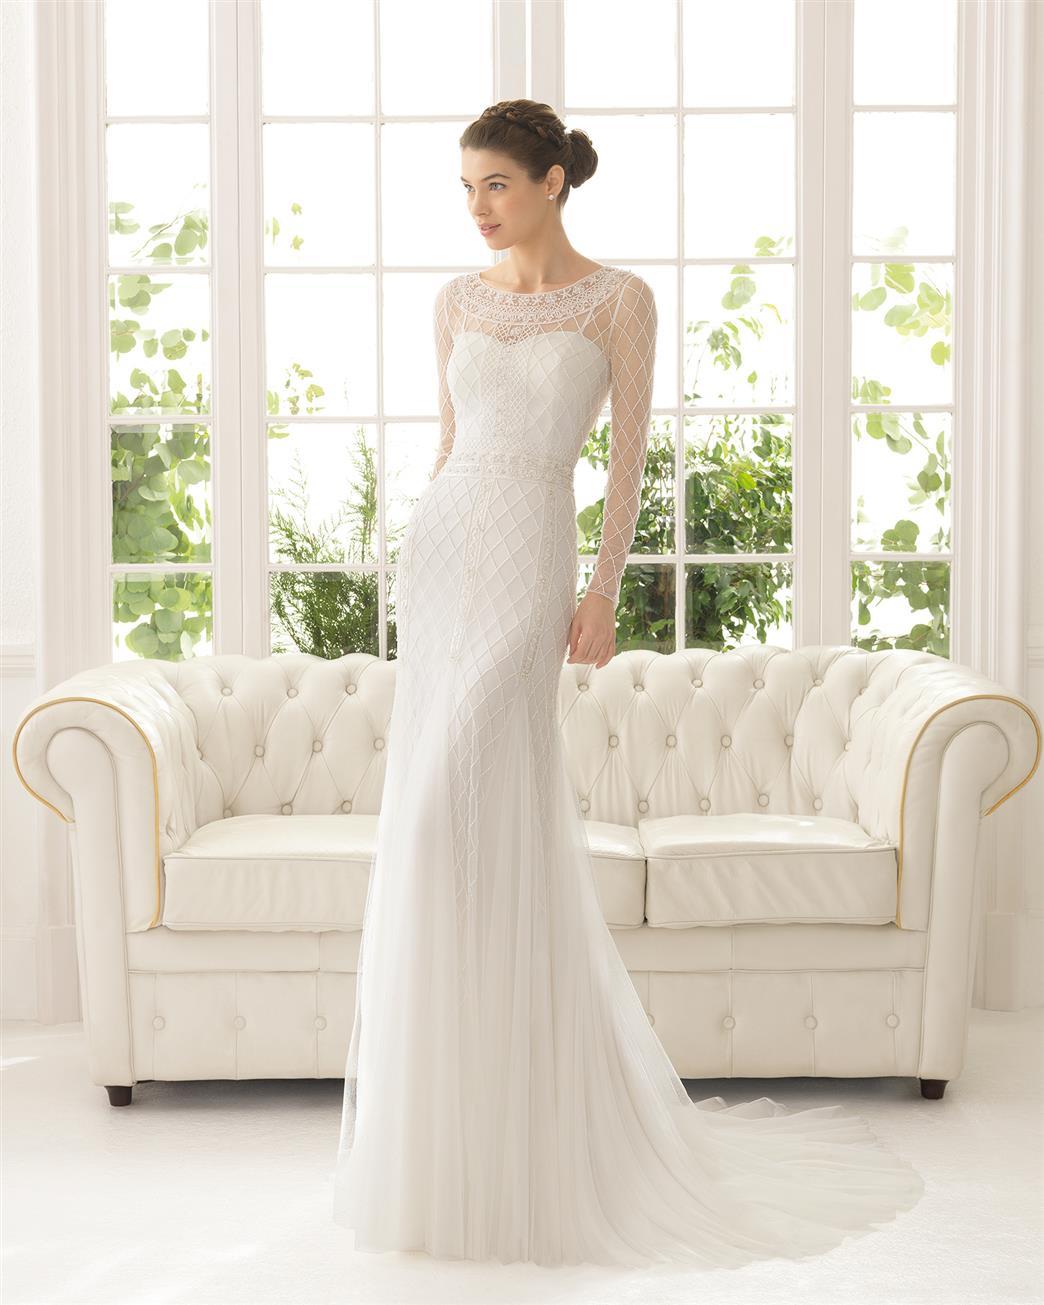 Long Sleeve Wedding Dress by Aire Barceolna ~ Aisha